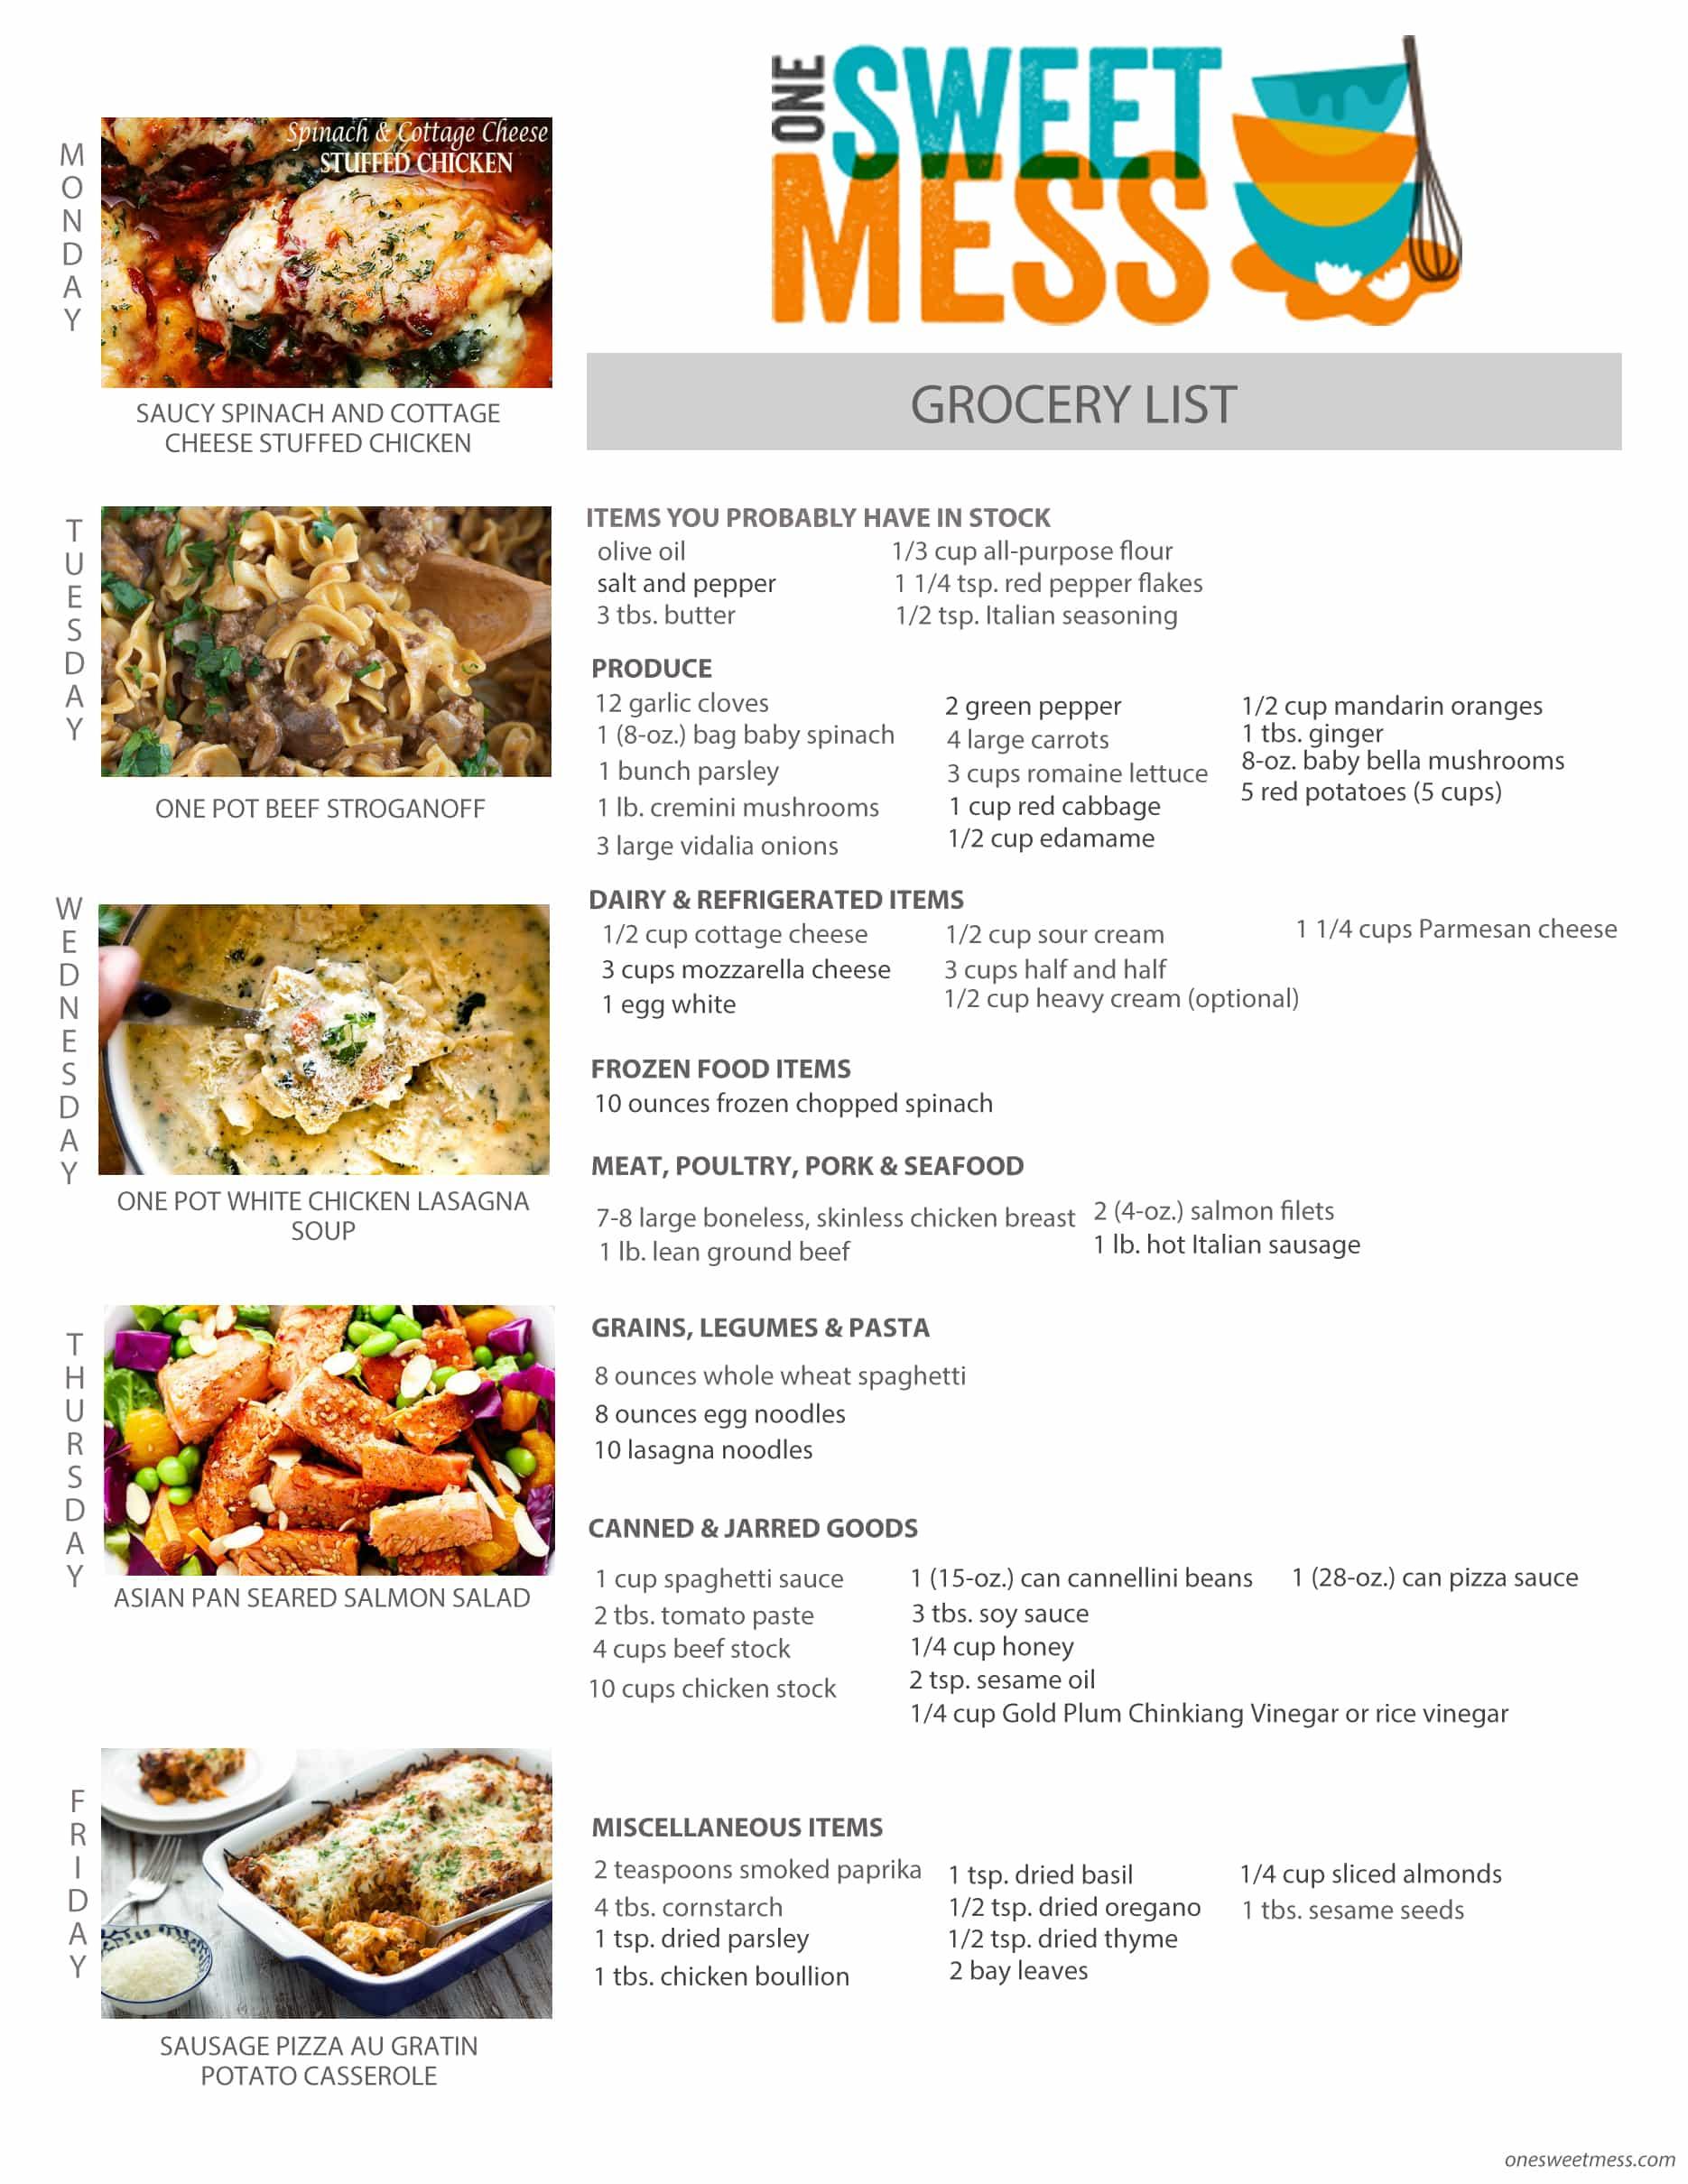 Week of January 16th, 2017 Weekly Meal Plan + Printable Grocery List